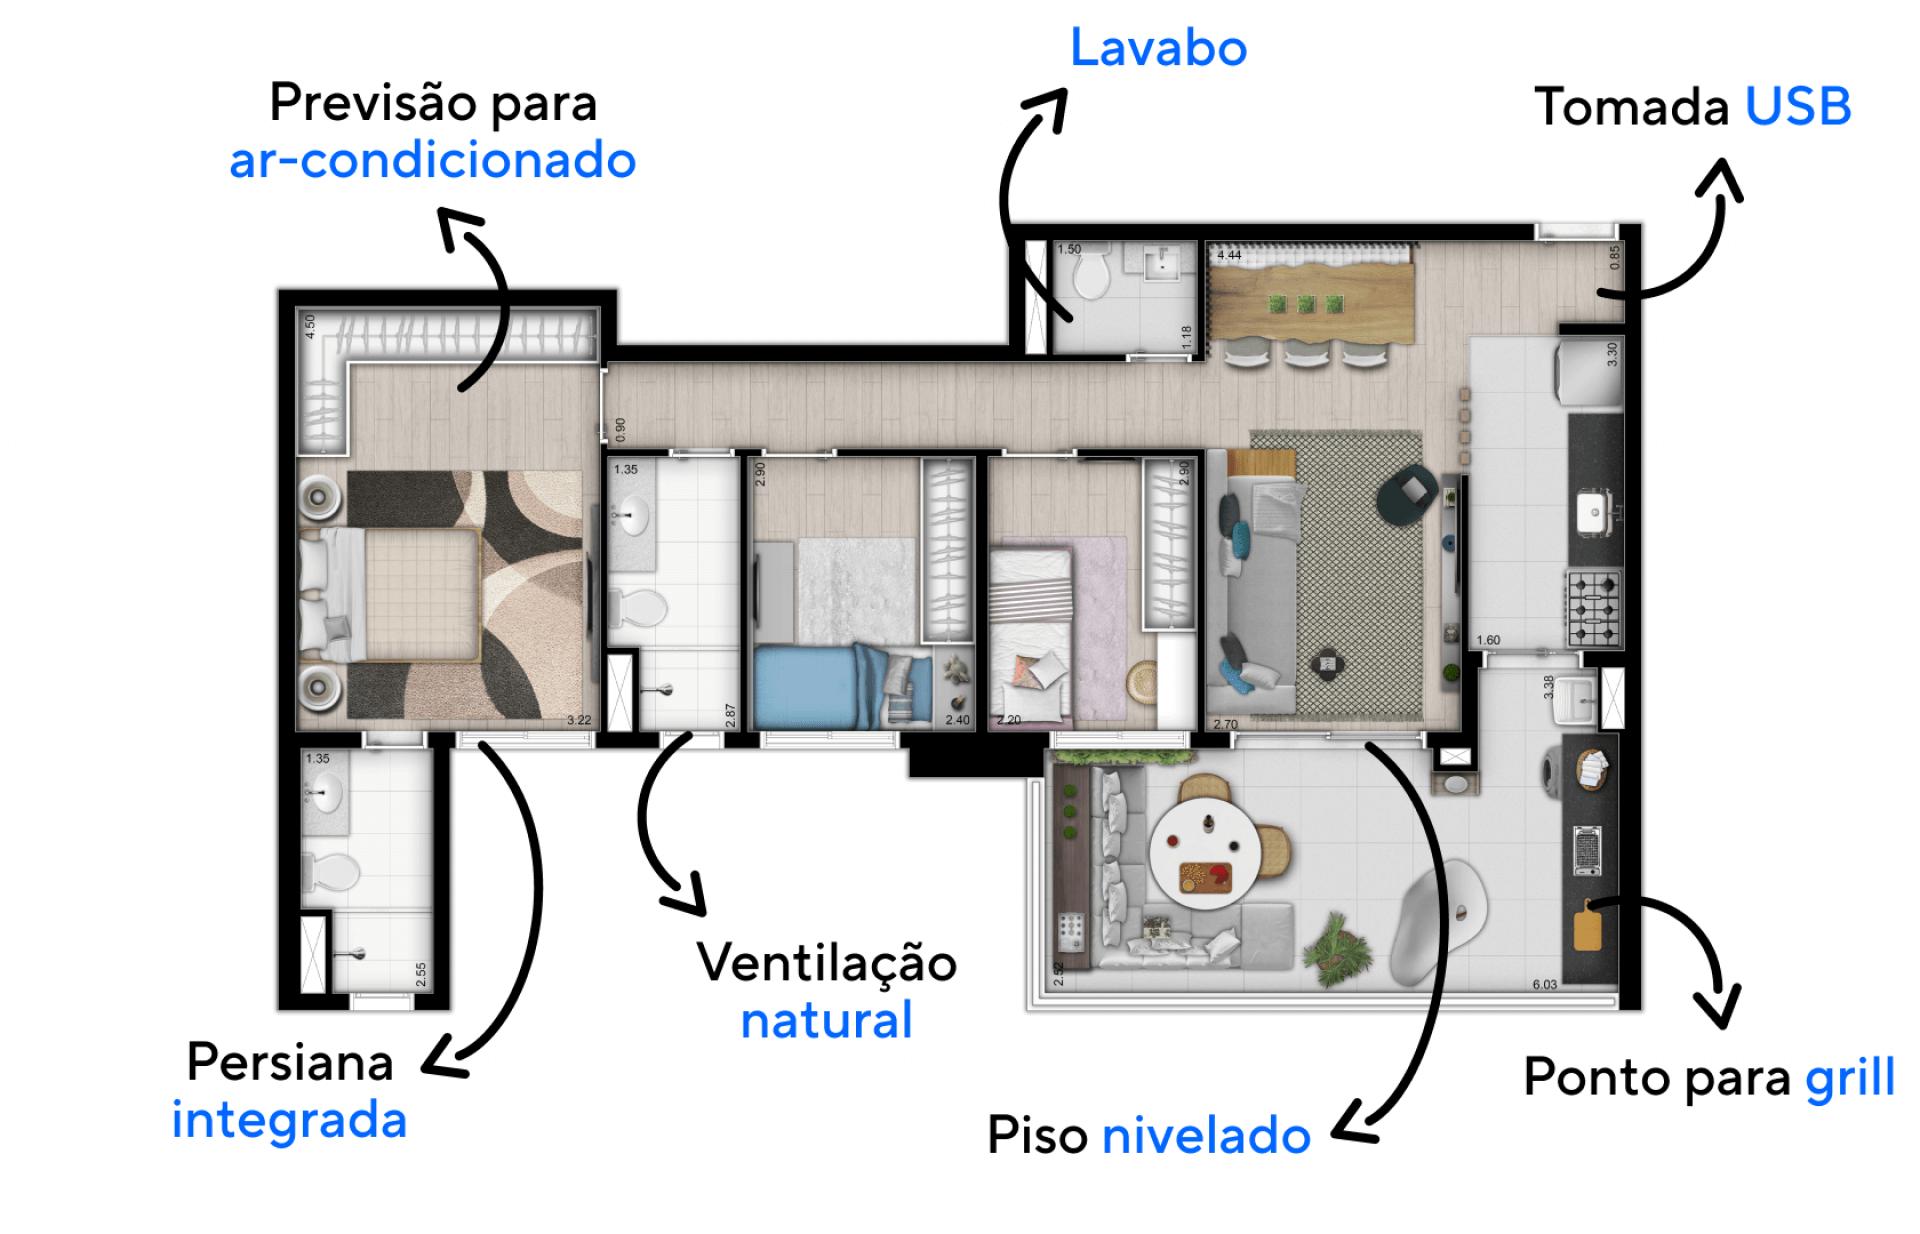 94 M² - 3 DORMITÓRIOS, SENDO 1 SUÍTE. Apartamentos no Tatuapé com boa setorização entre os espaços sociais e íntimos, proporcionando privacidade quando necessário. A cozinha possui uma passagem direta para o terraço, proporcionando uma conexão direta.